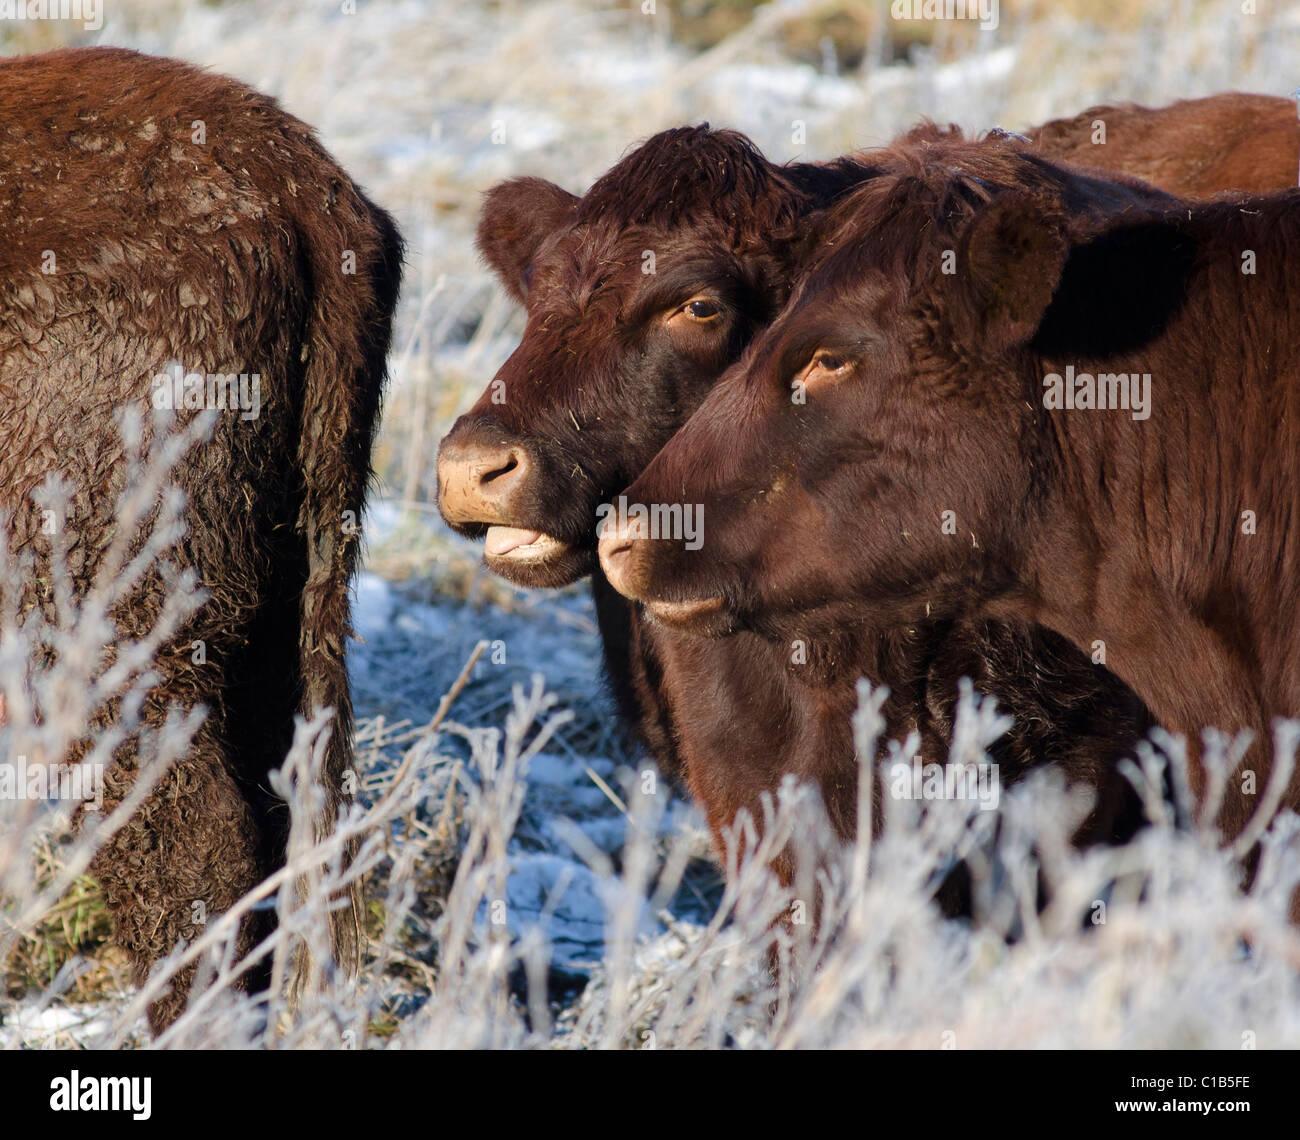 Colpi di testa di due Lincoln vacche rosse insieme in condizioni di ghiaccio Immagini Stock